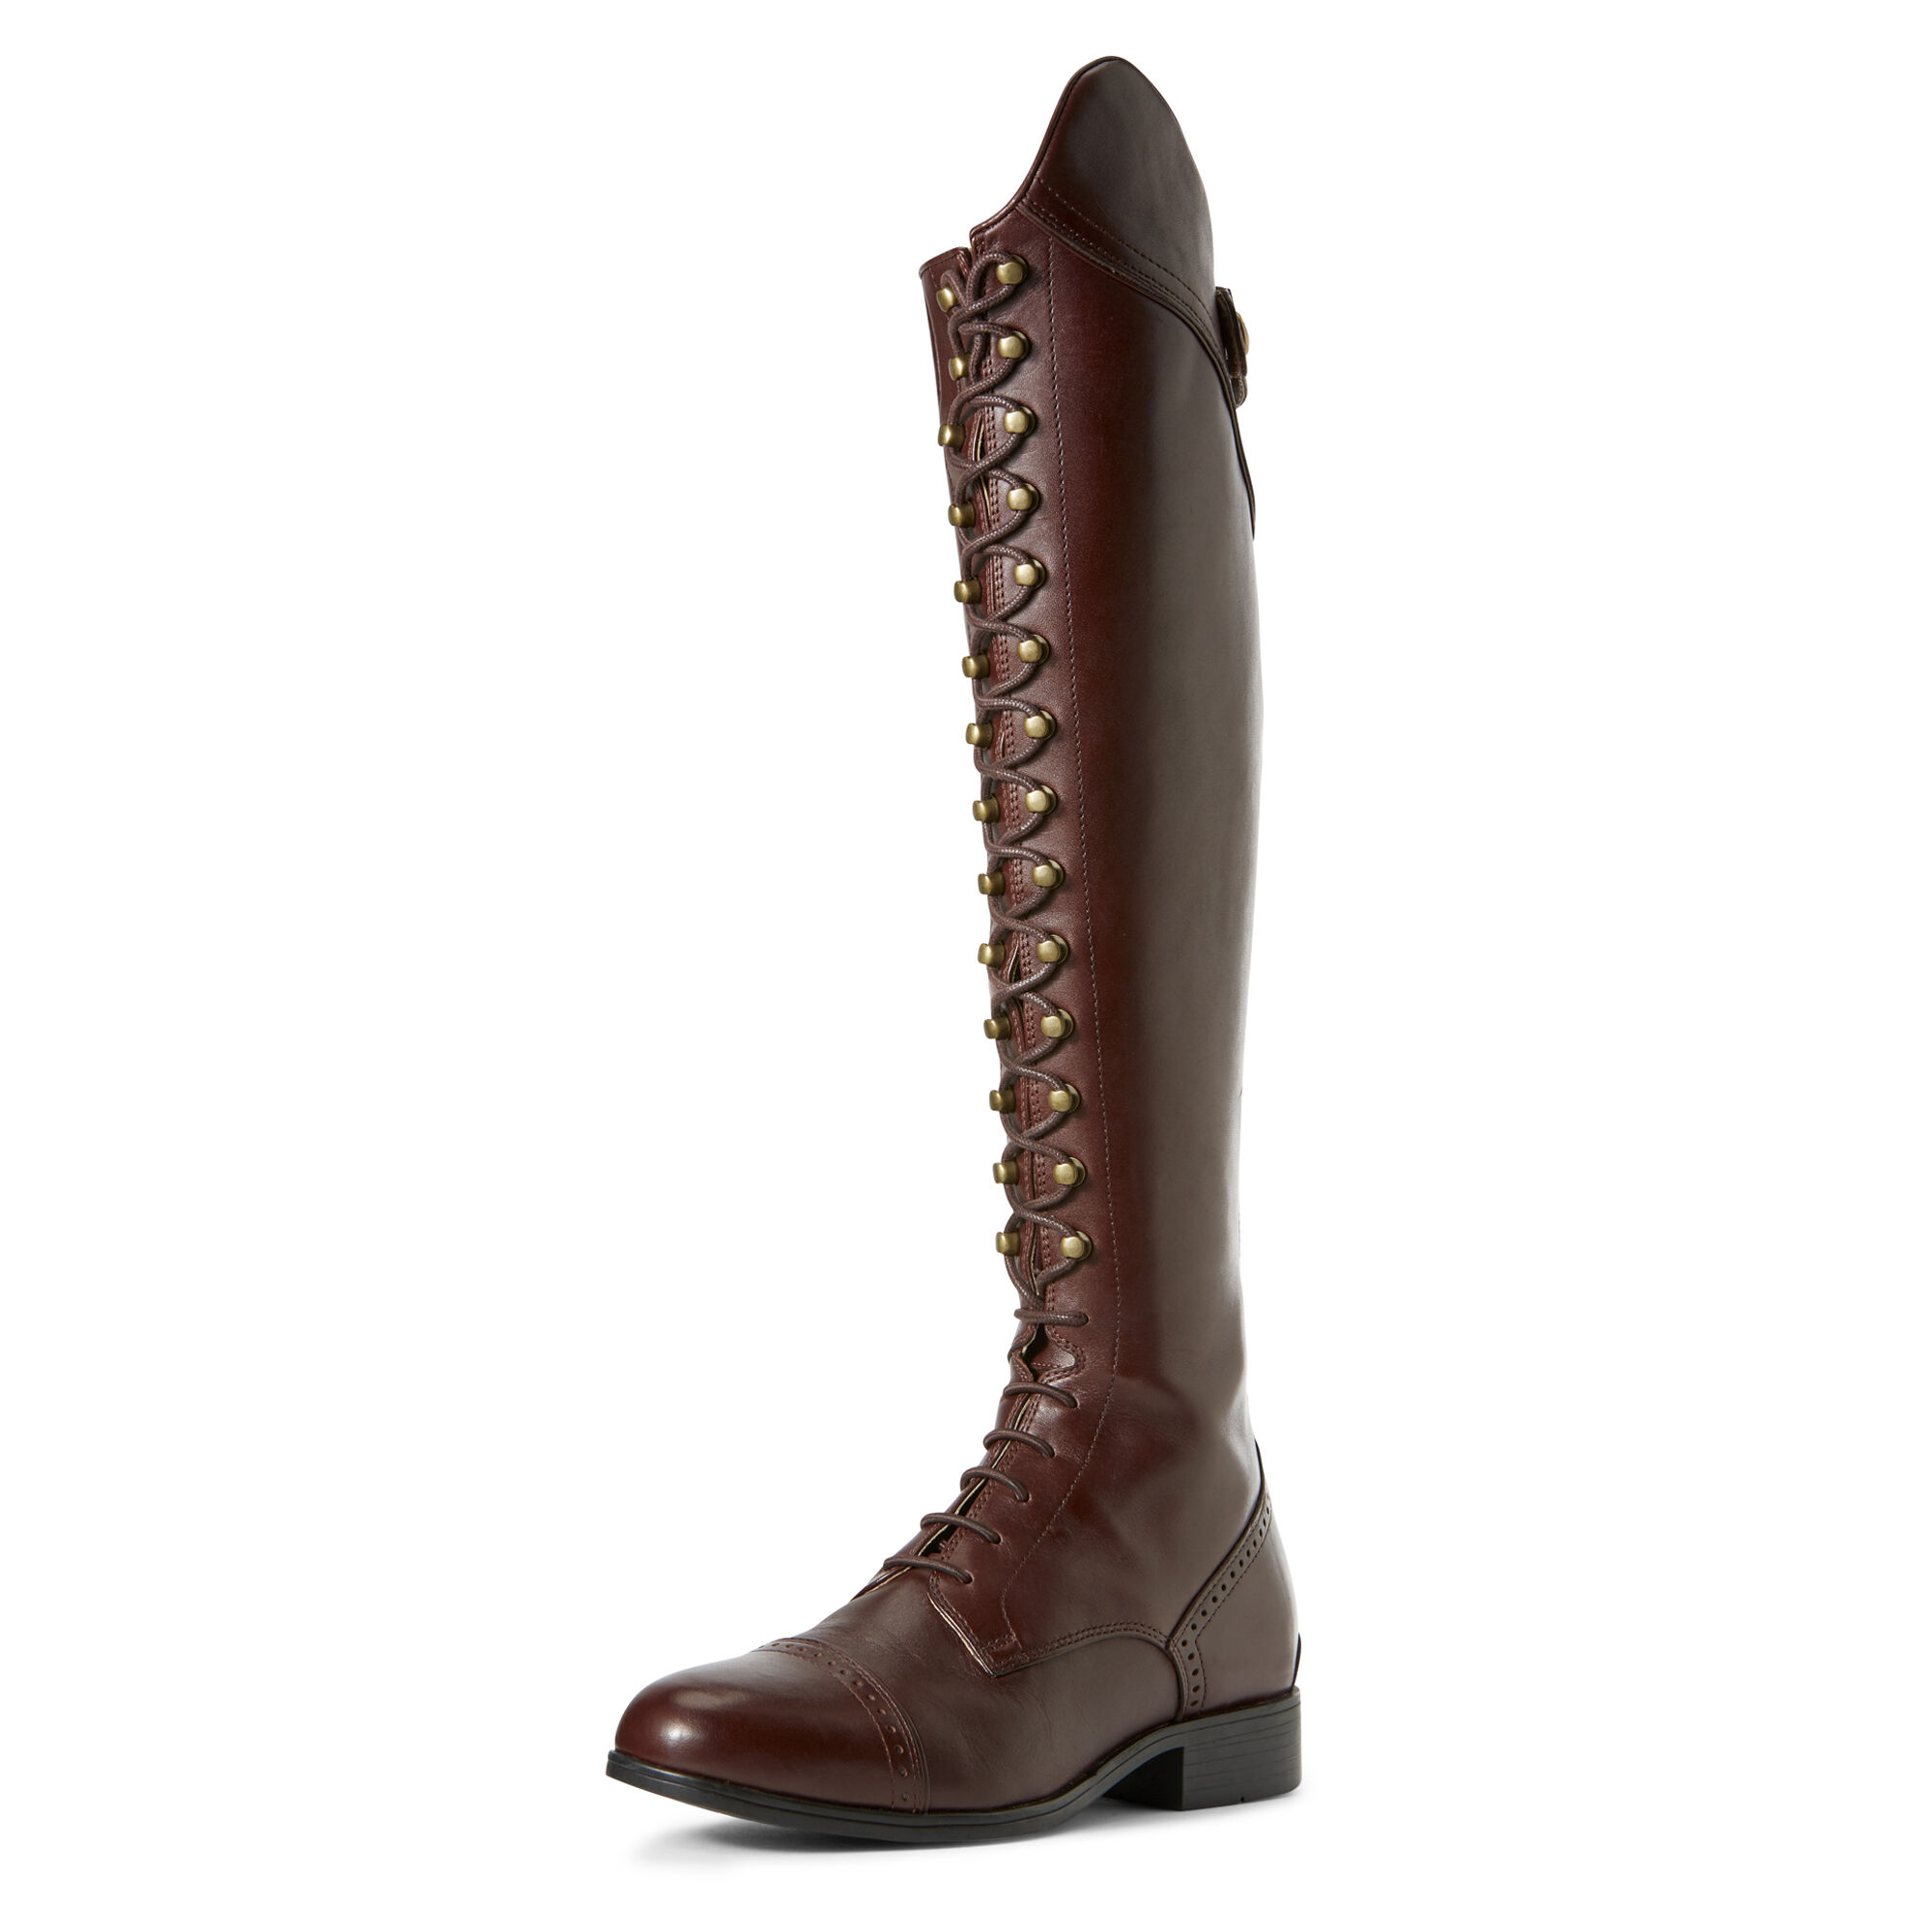 Women's Tall Riding Boots   Ariat